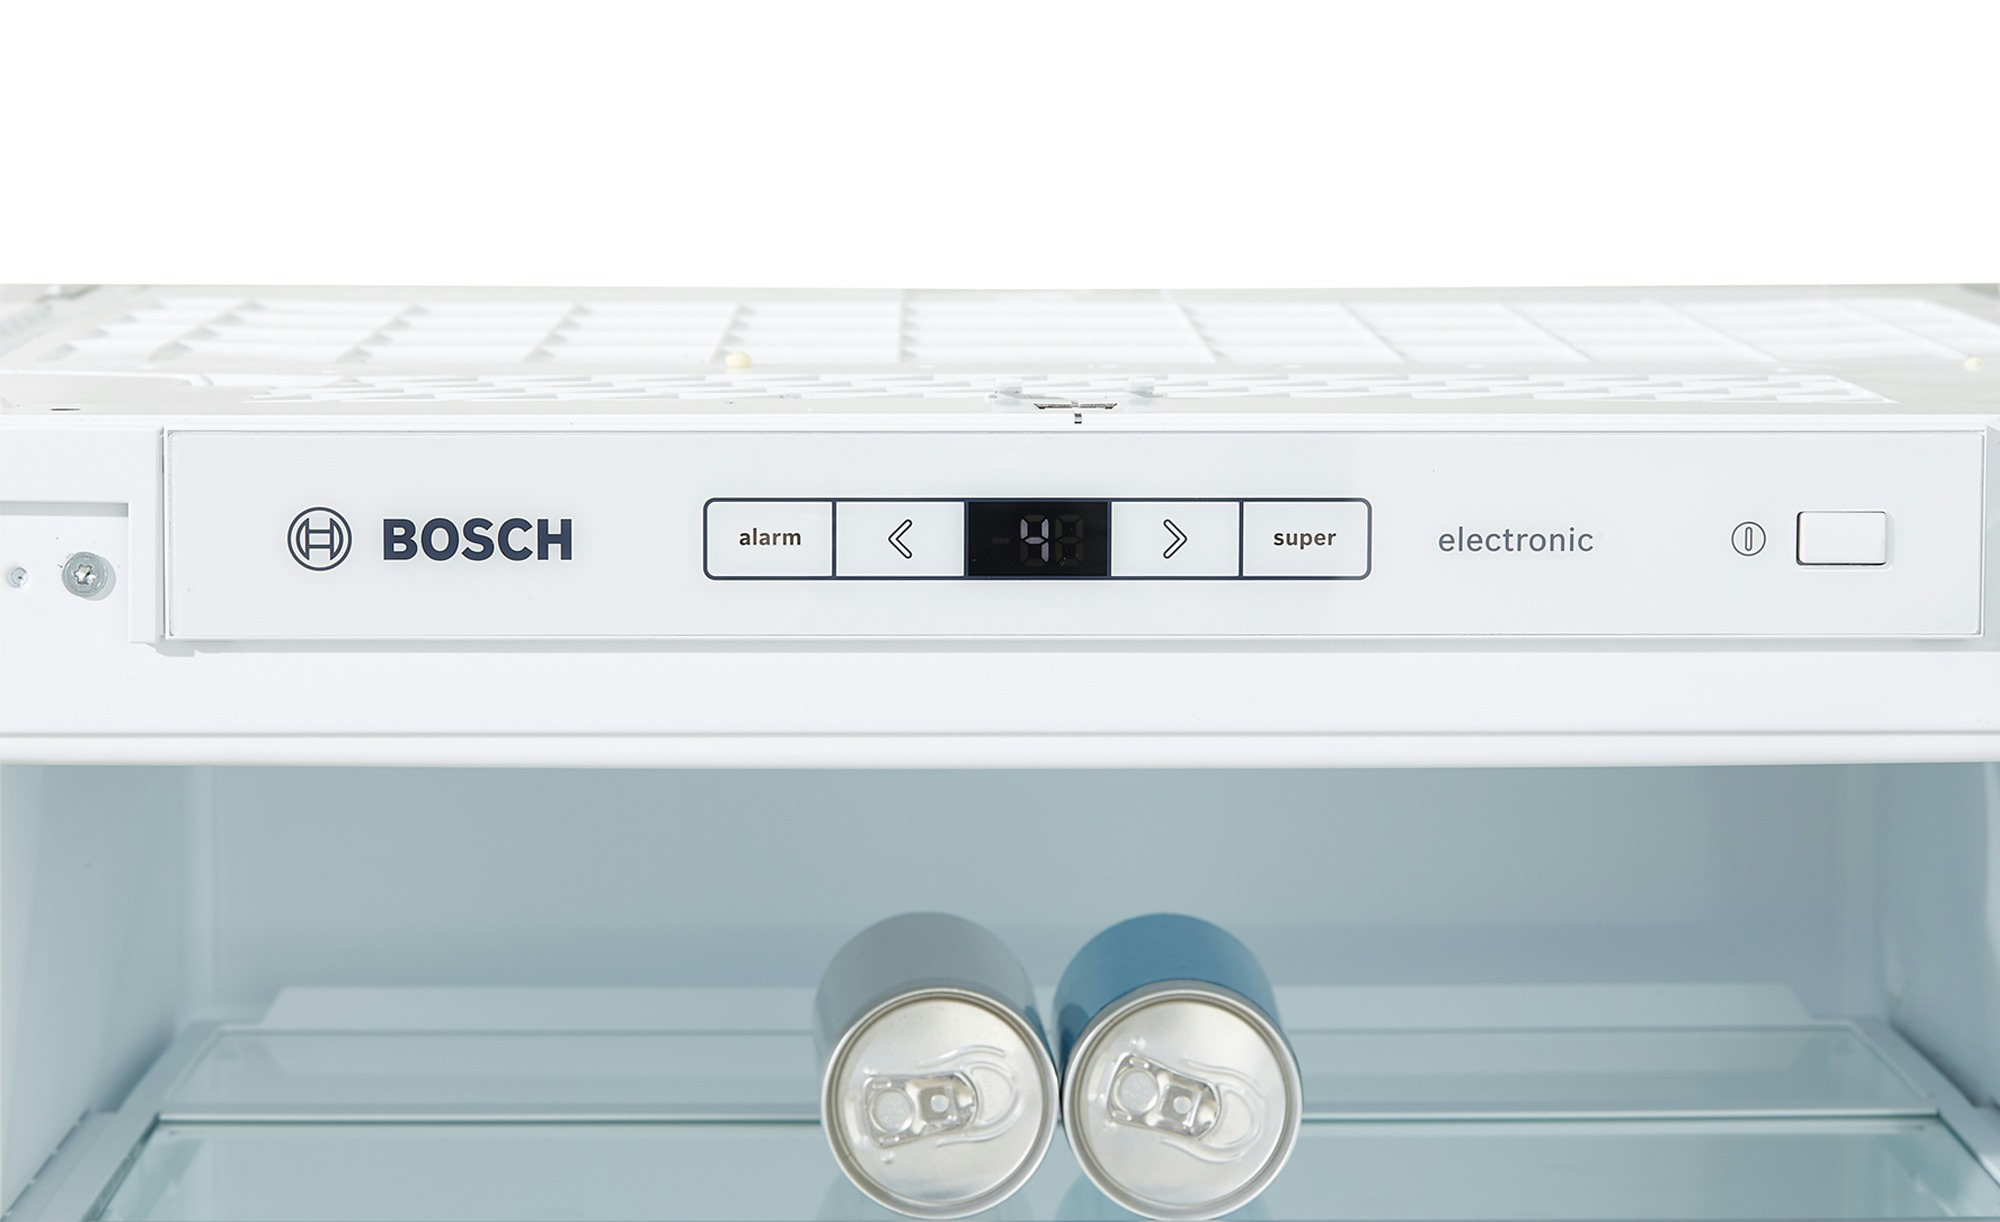 Bosch Kühlschrank Super : Bosch einbau kühlschrank kir 21af30 bei möbel kraft online kaufen